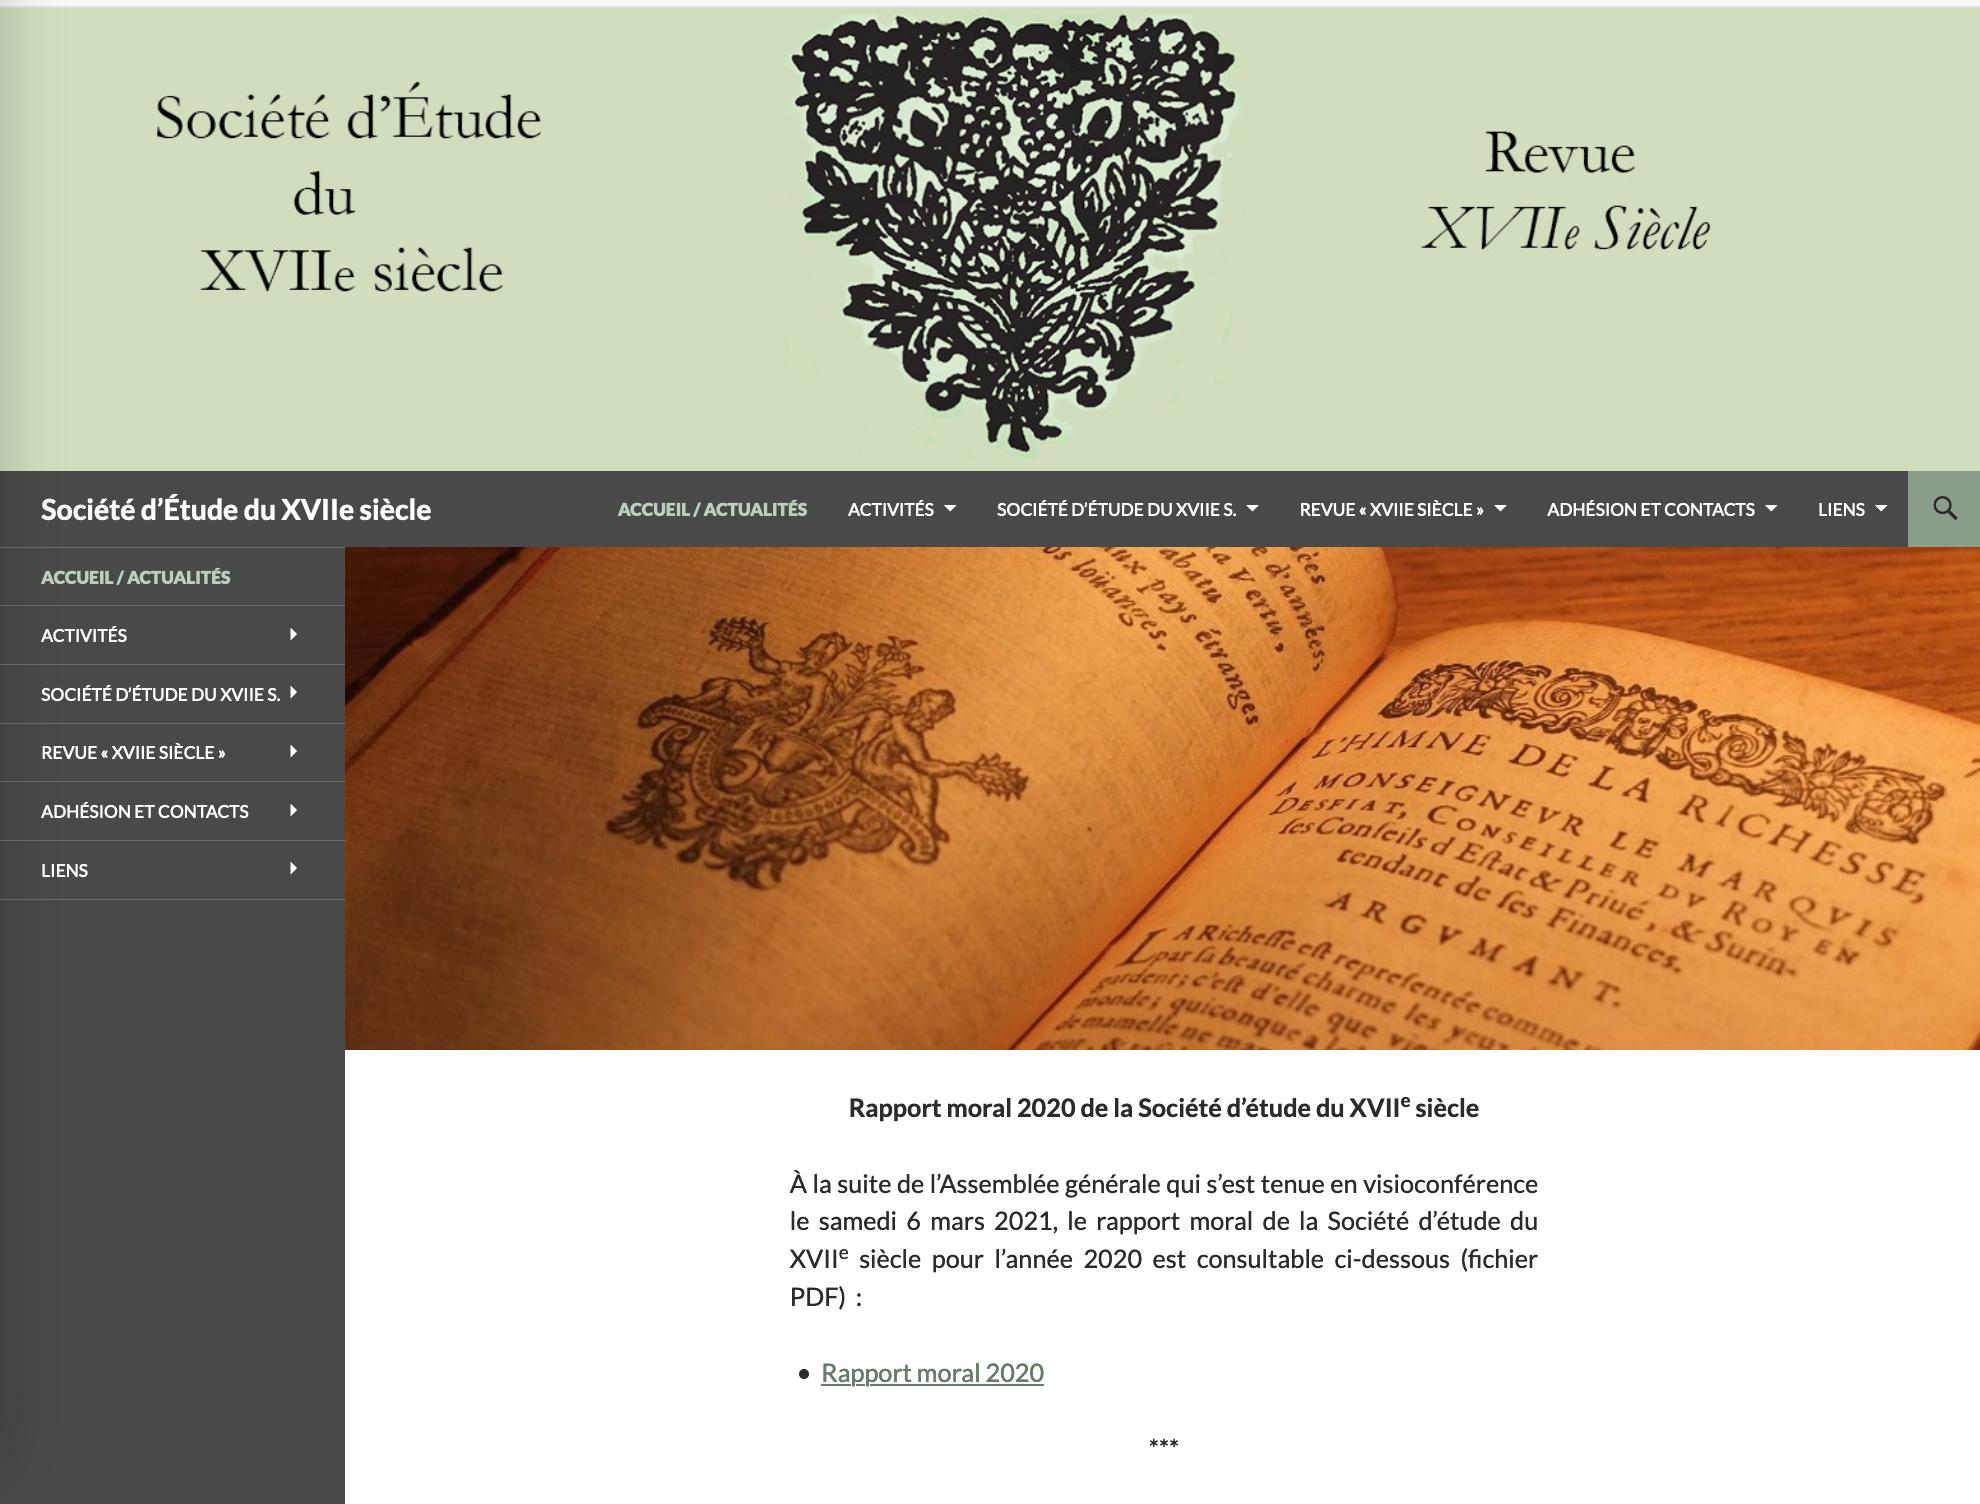 Aide à l'édition de la Société d'étude du XVIIe siècle